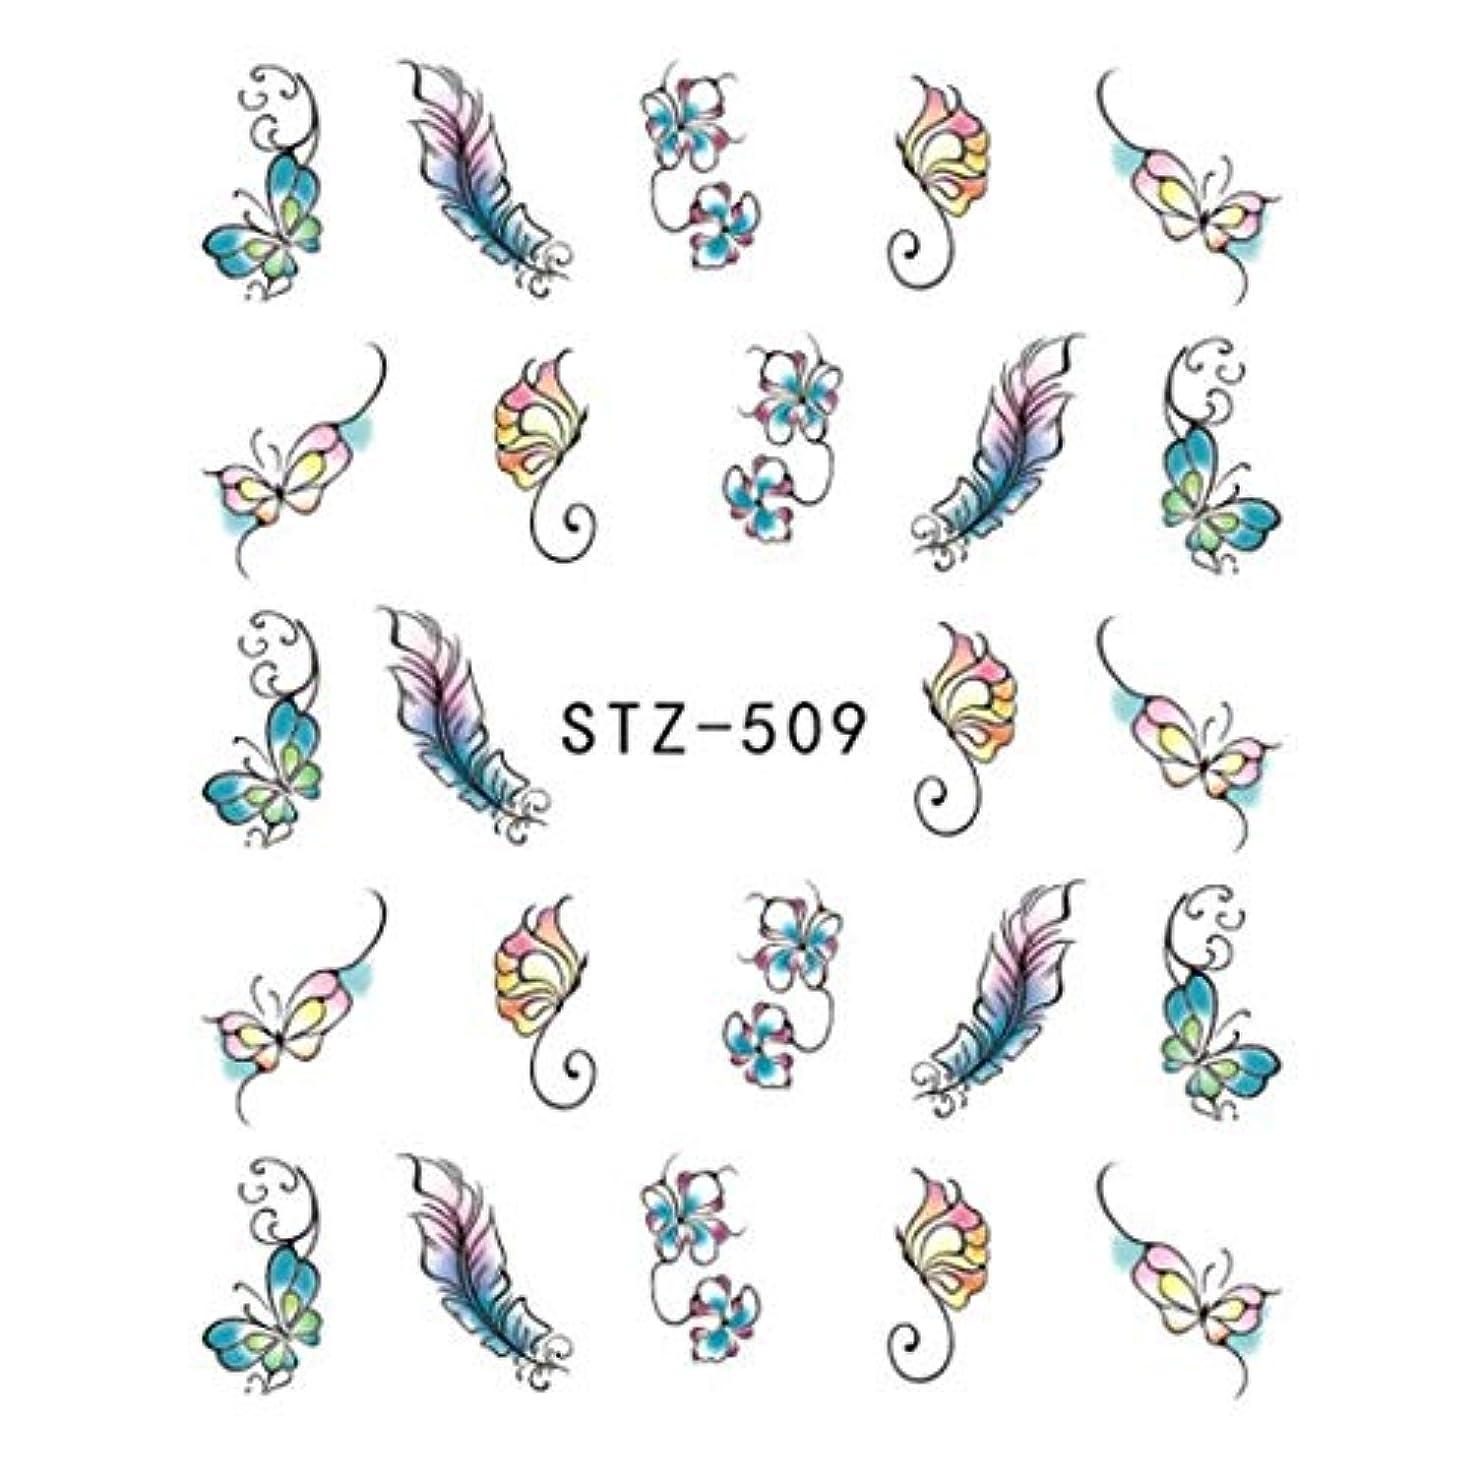 しわ永遠にハシーSUKTI&XIAO ネイルステッカー 1ピースネイルアート水デカール花ローズパープルデザイン用女性フルカバーステッカーデコレーションステッカー夏、Stz509